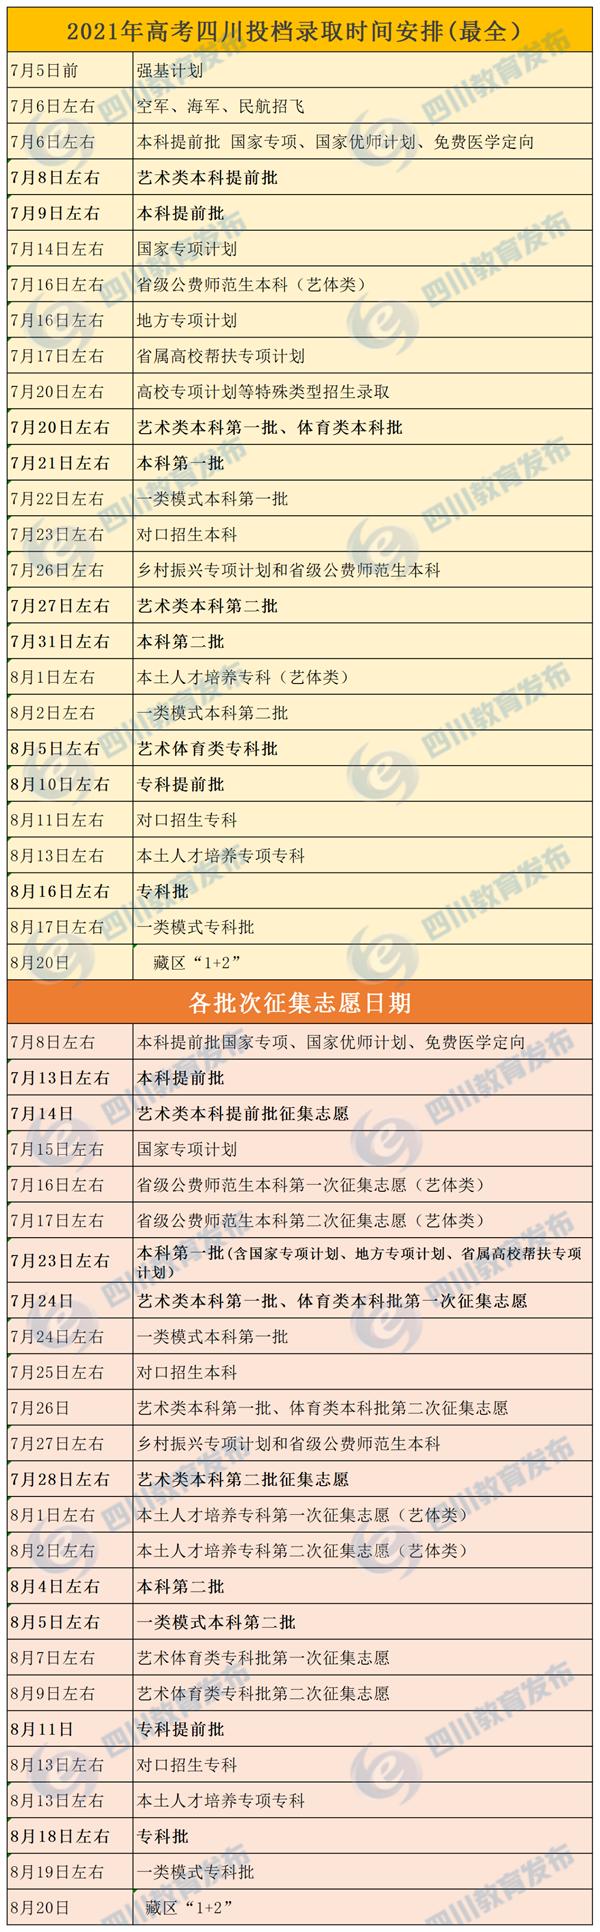 四川2021年高考征集志愿时间